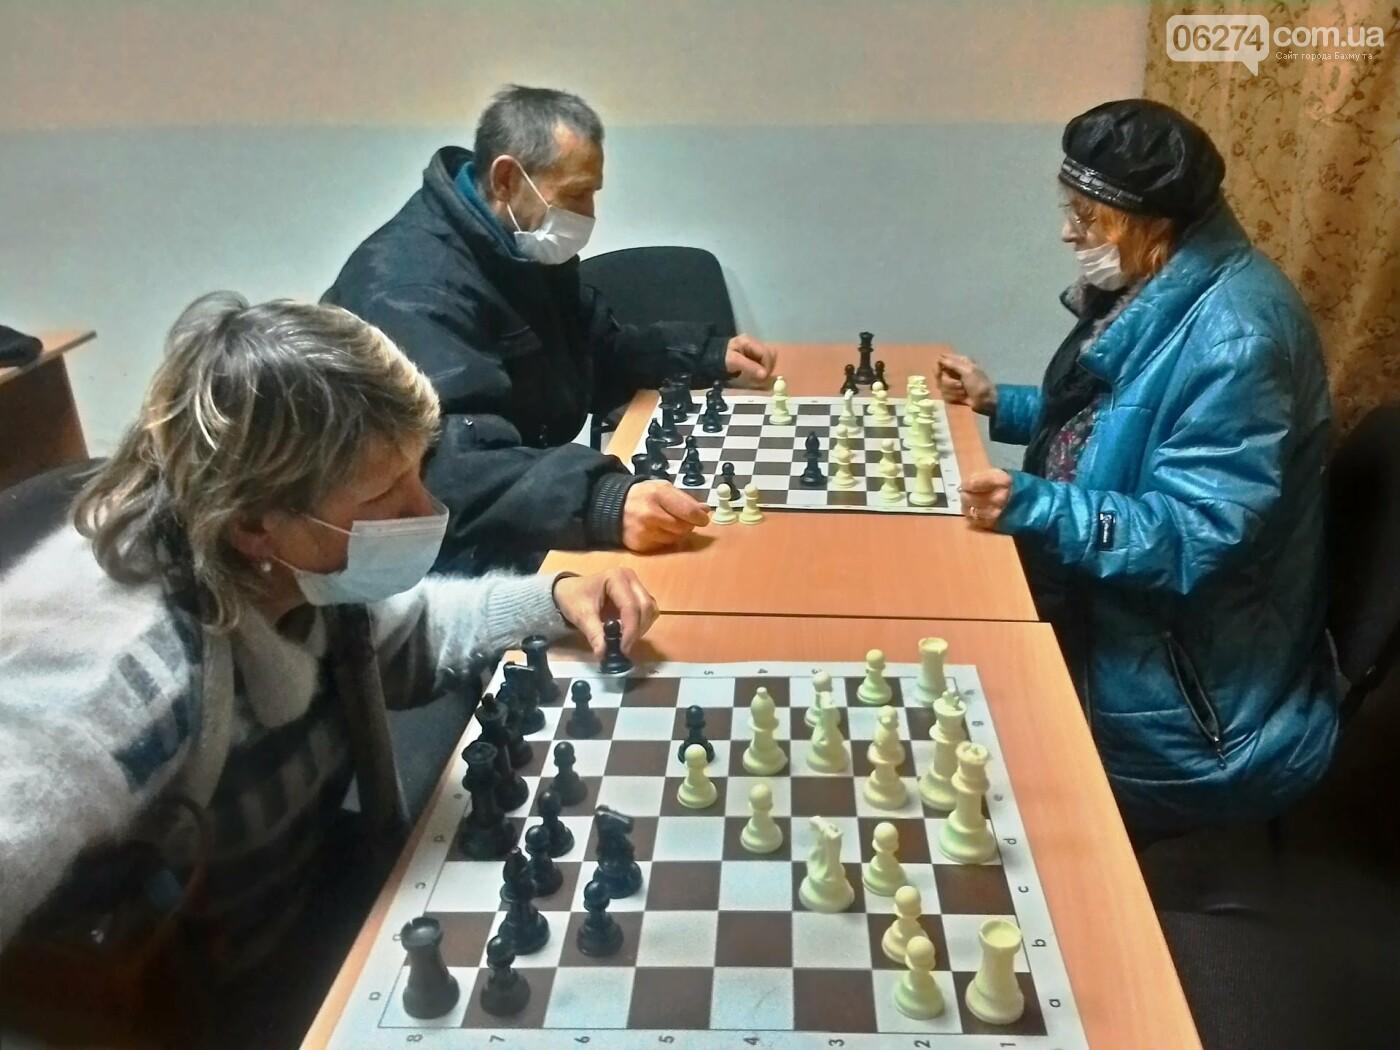 В Бахмуте прошел турнир по шахматам среди ветеранов, фото-2